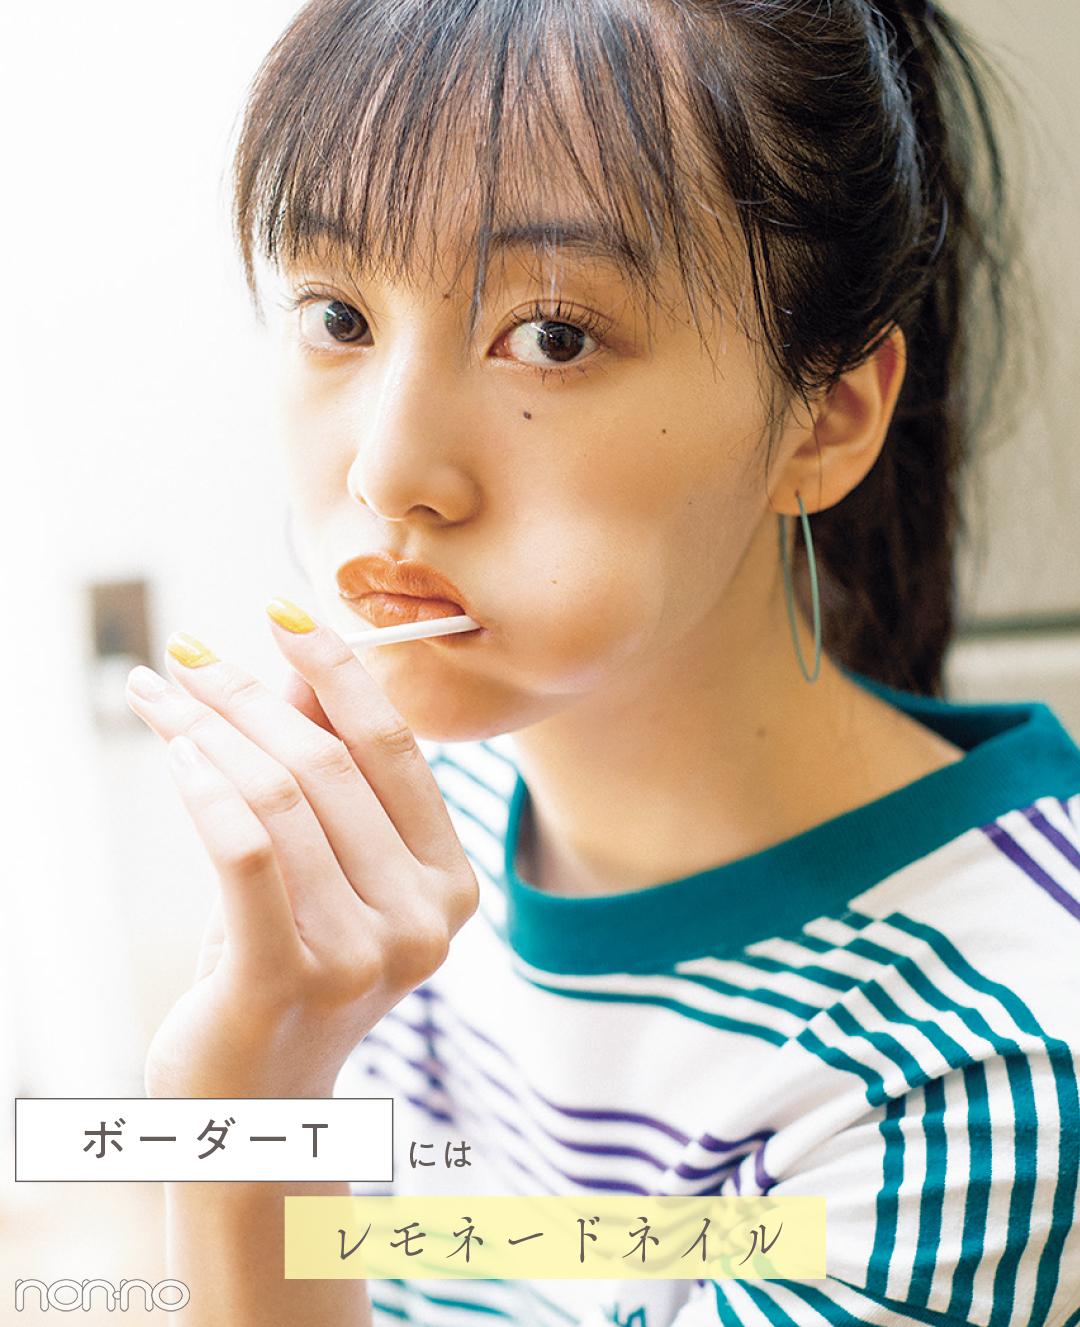 【ネイル2019夏】Tシャツのタイプで変える♡ 今っぽおしゃネイル7選!_1_4